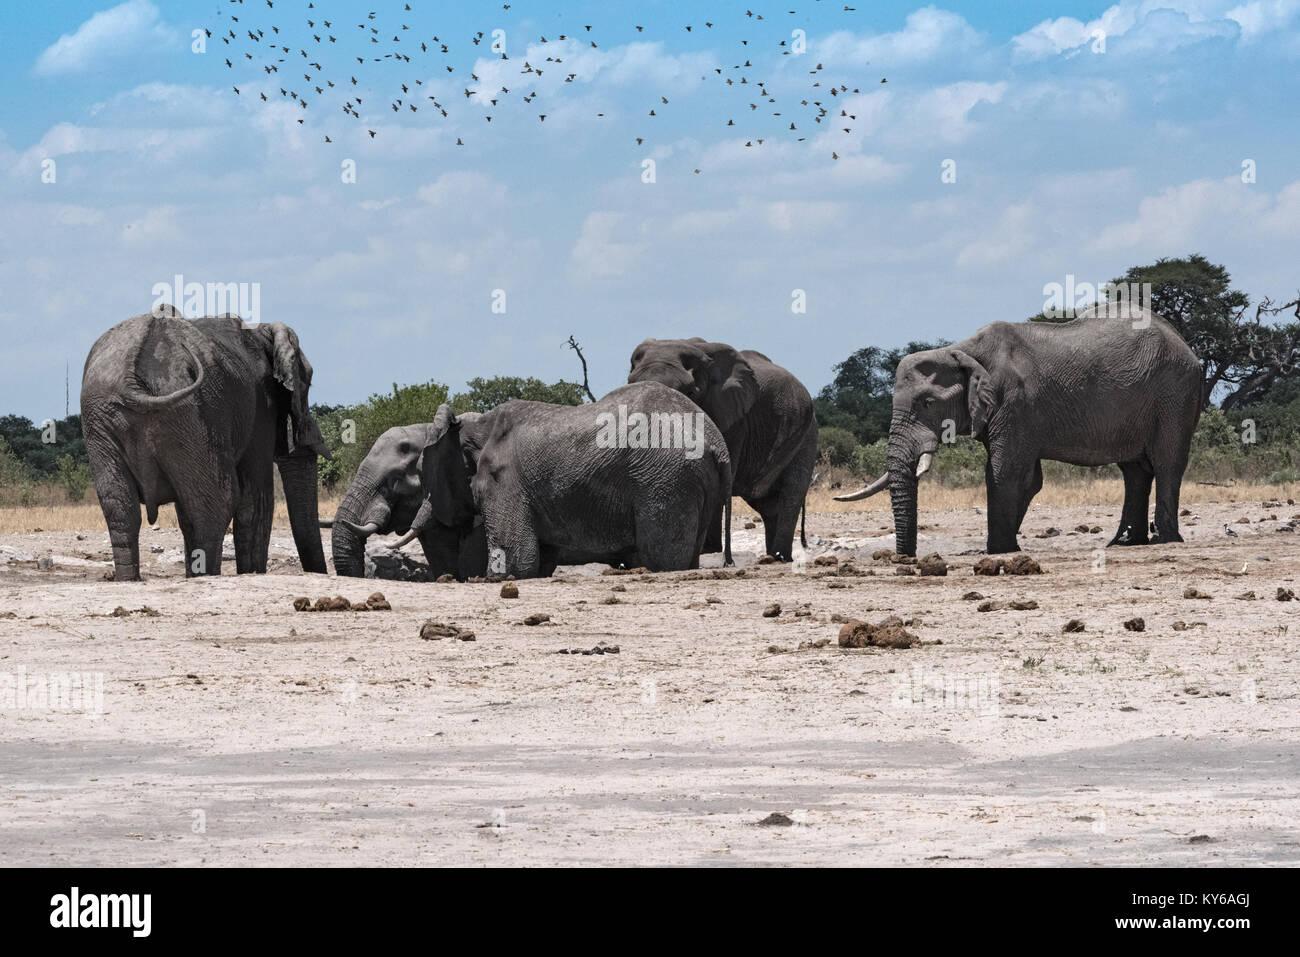 A un grupo de elefantes en el Parque Nacional Chope abrevadero en Botswana Imagen De Stock